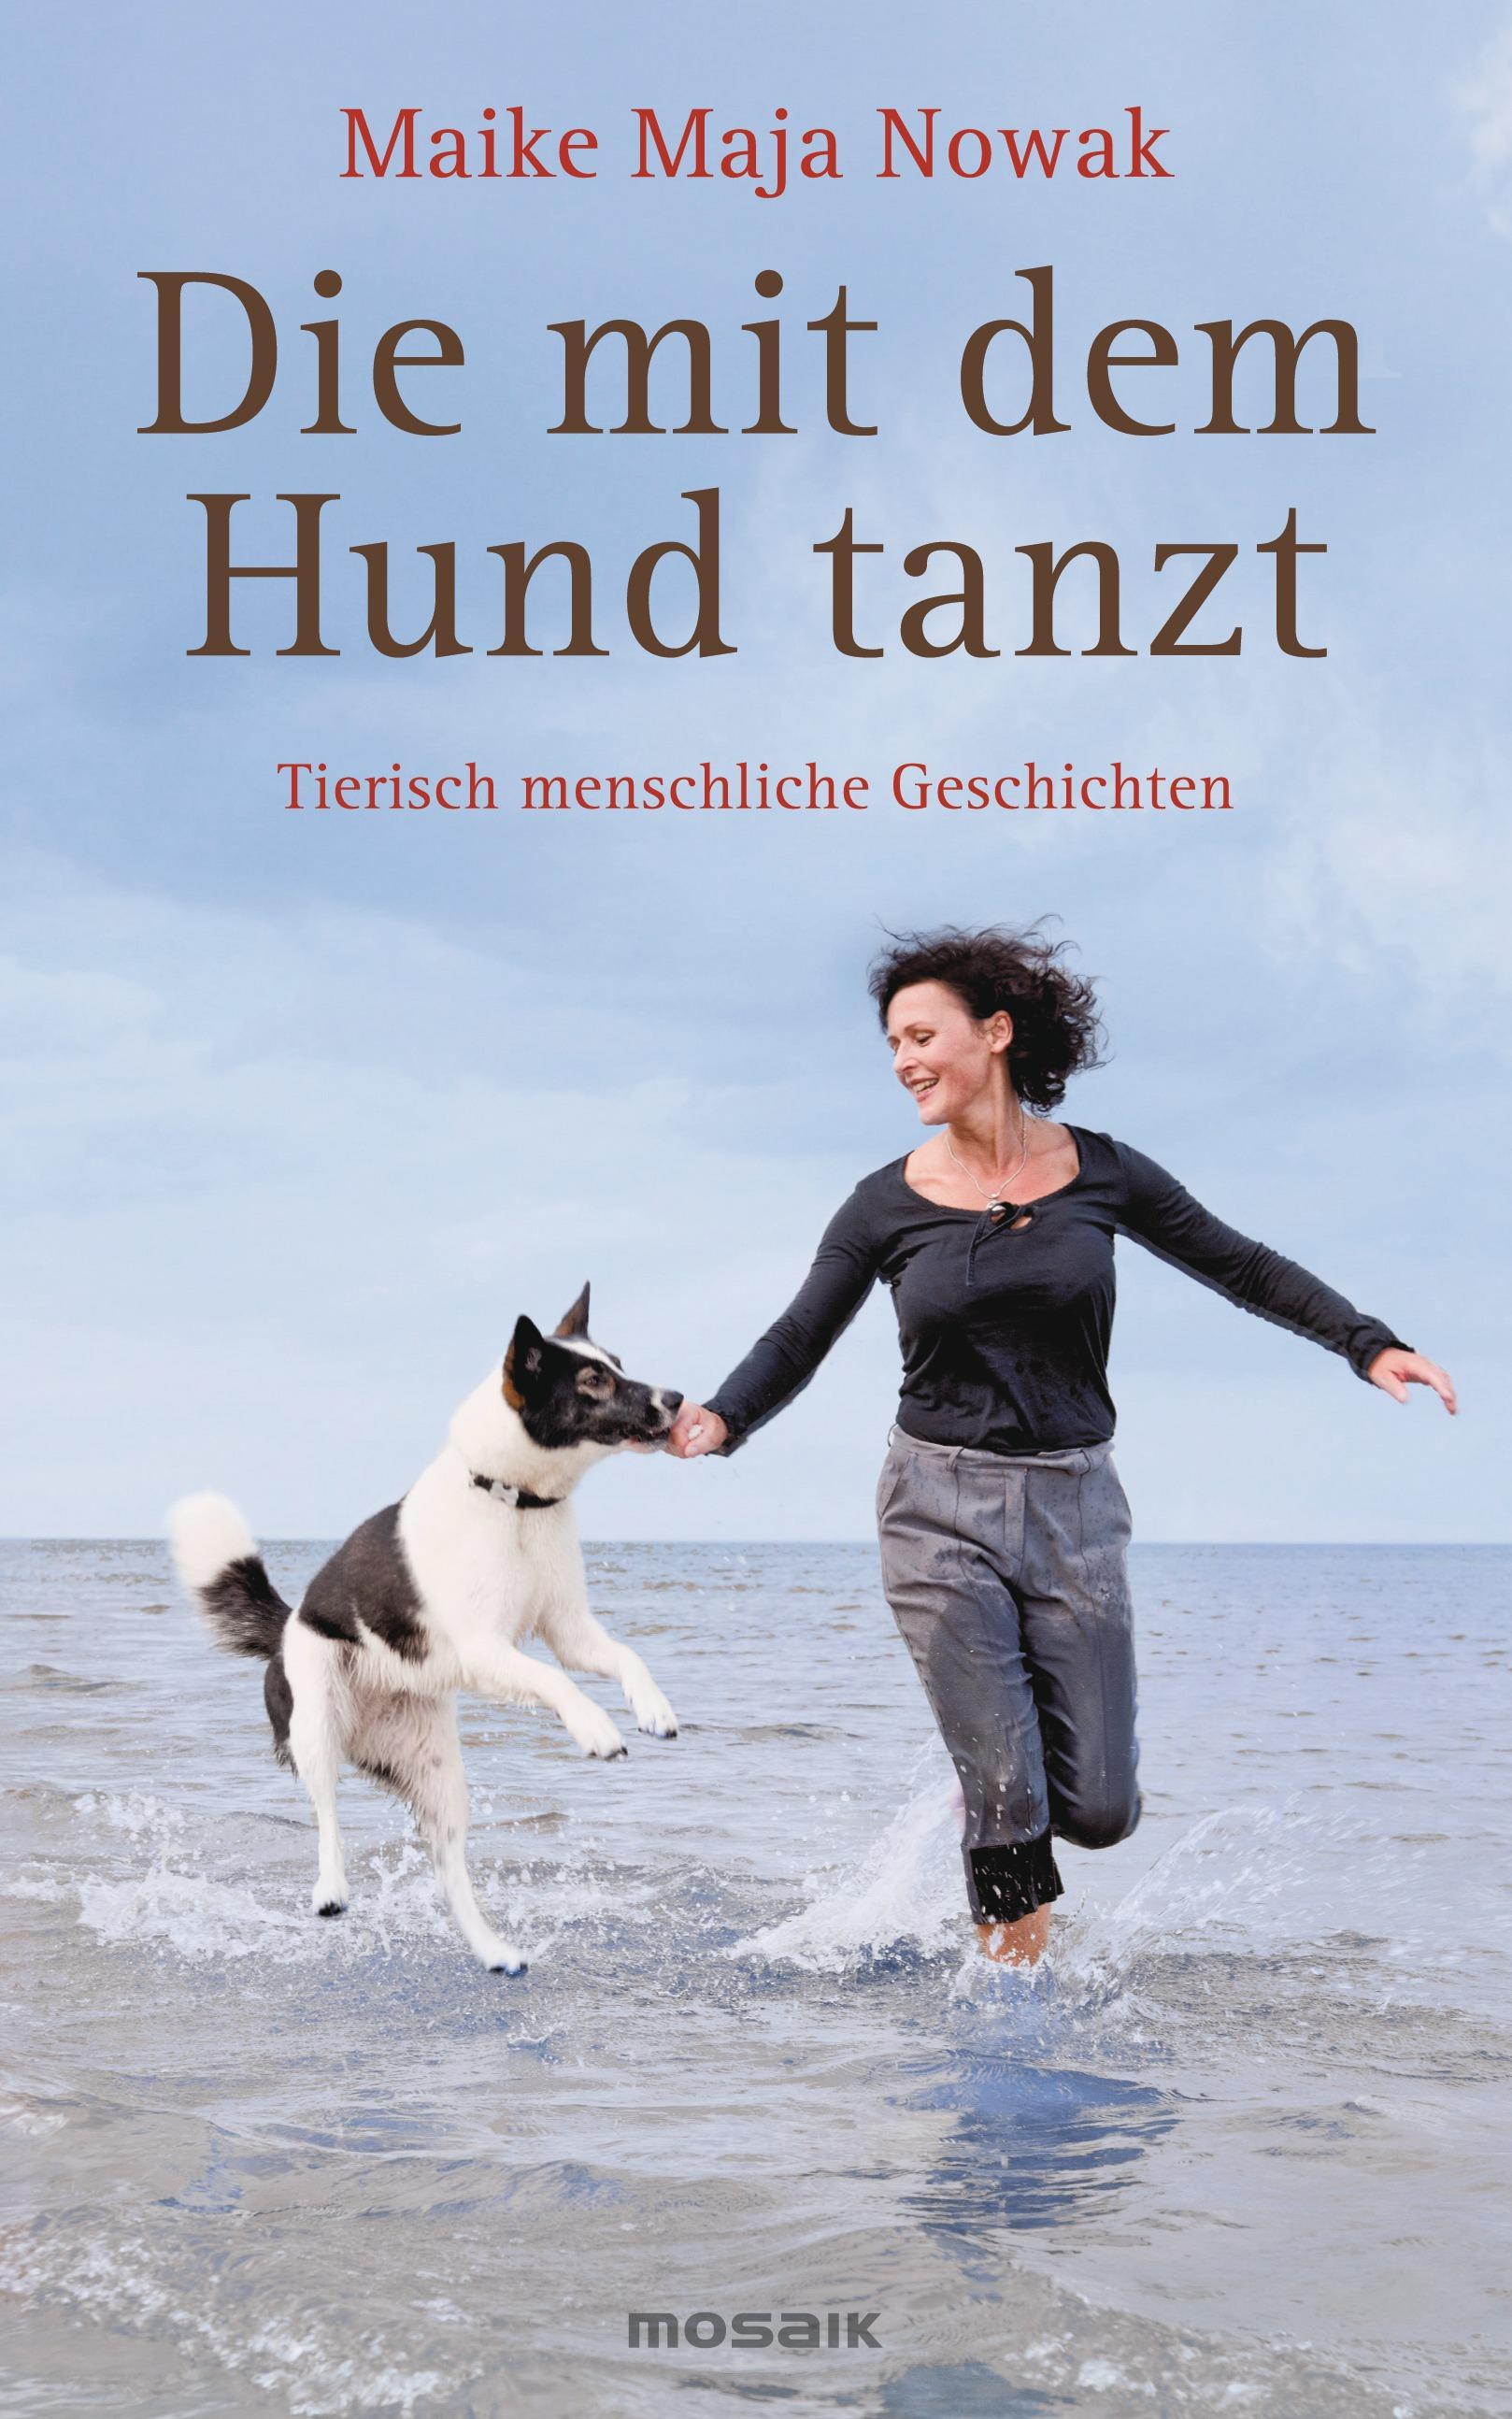 Die mit dem Hund tanzt: Tierisch menschliche Geschichten - Maike Maja Nowak